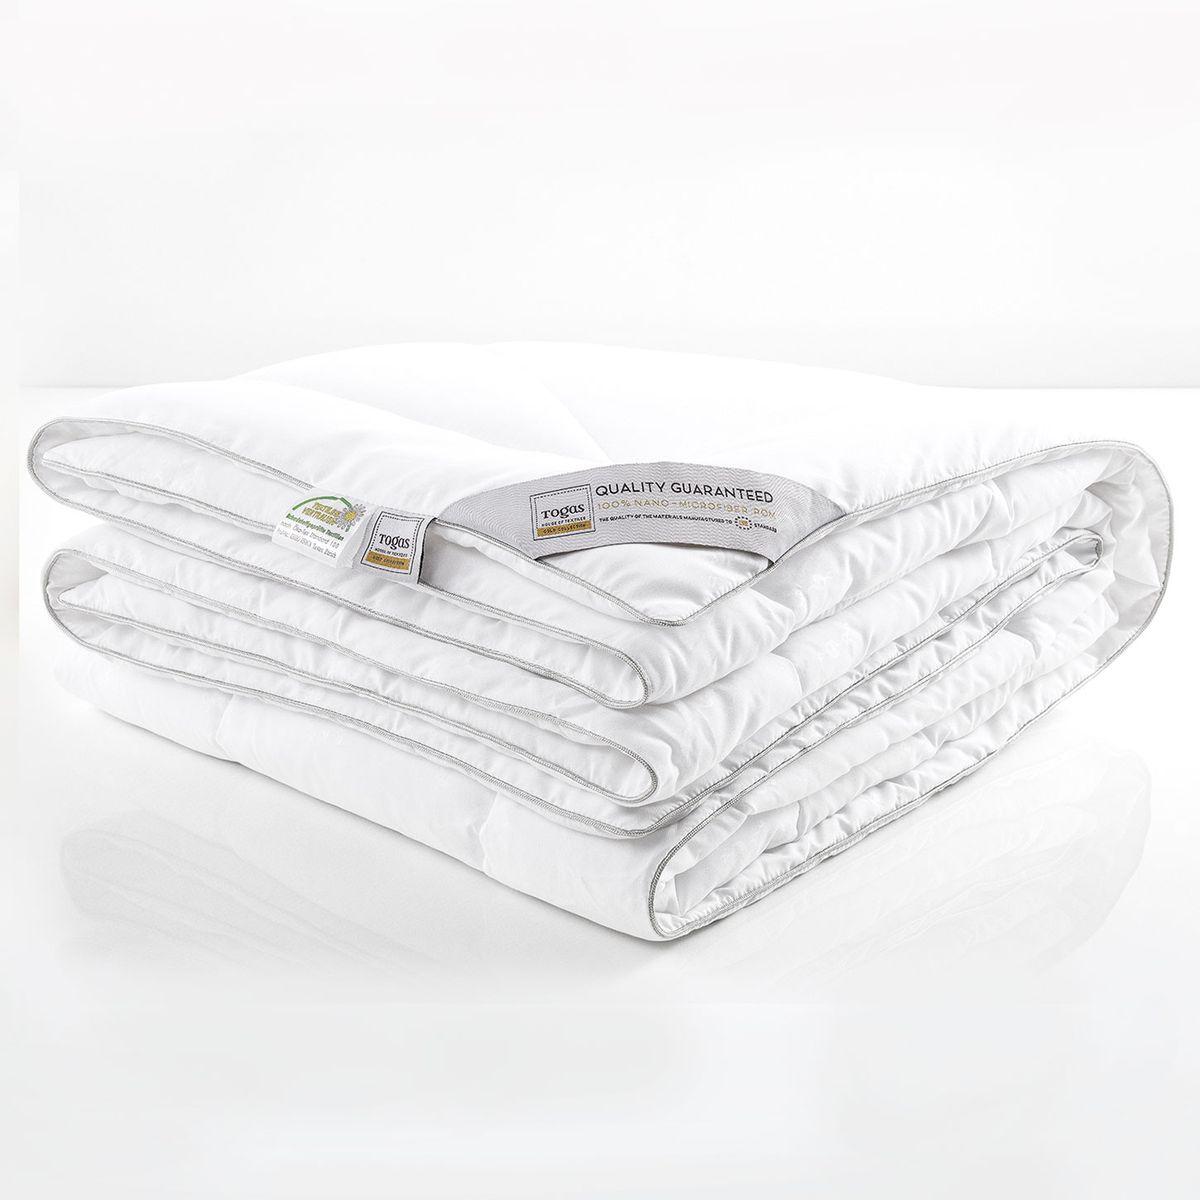 """Одеяло Нано микрофайбер с микрогранулами нано, 220 х 240 см. 20.04.12.0015CLP446Комфортная темпетатура тела во время сна - важная составляющая комфорта. В идеальных условиях тело расслабляется и по-настоящему отдыхает, как результат - Вы просыпаетесь отдохнувшим и бодрым, готовым к новым свершениям. """"Микрофайбер с микрогранулами НАНО"""" - одеяло с """"климатконтролем"""". Оно «подстраивается» под различные температурные условия, регулируя температуру тела во время сна и наполняя Вас ощущением легкости и комфорта"""